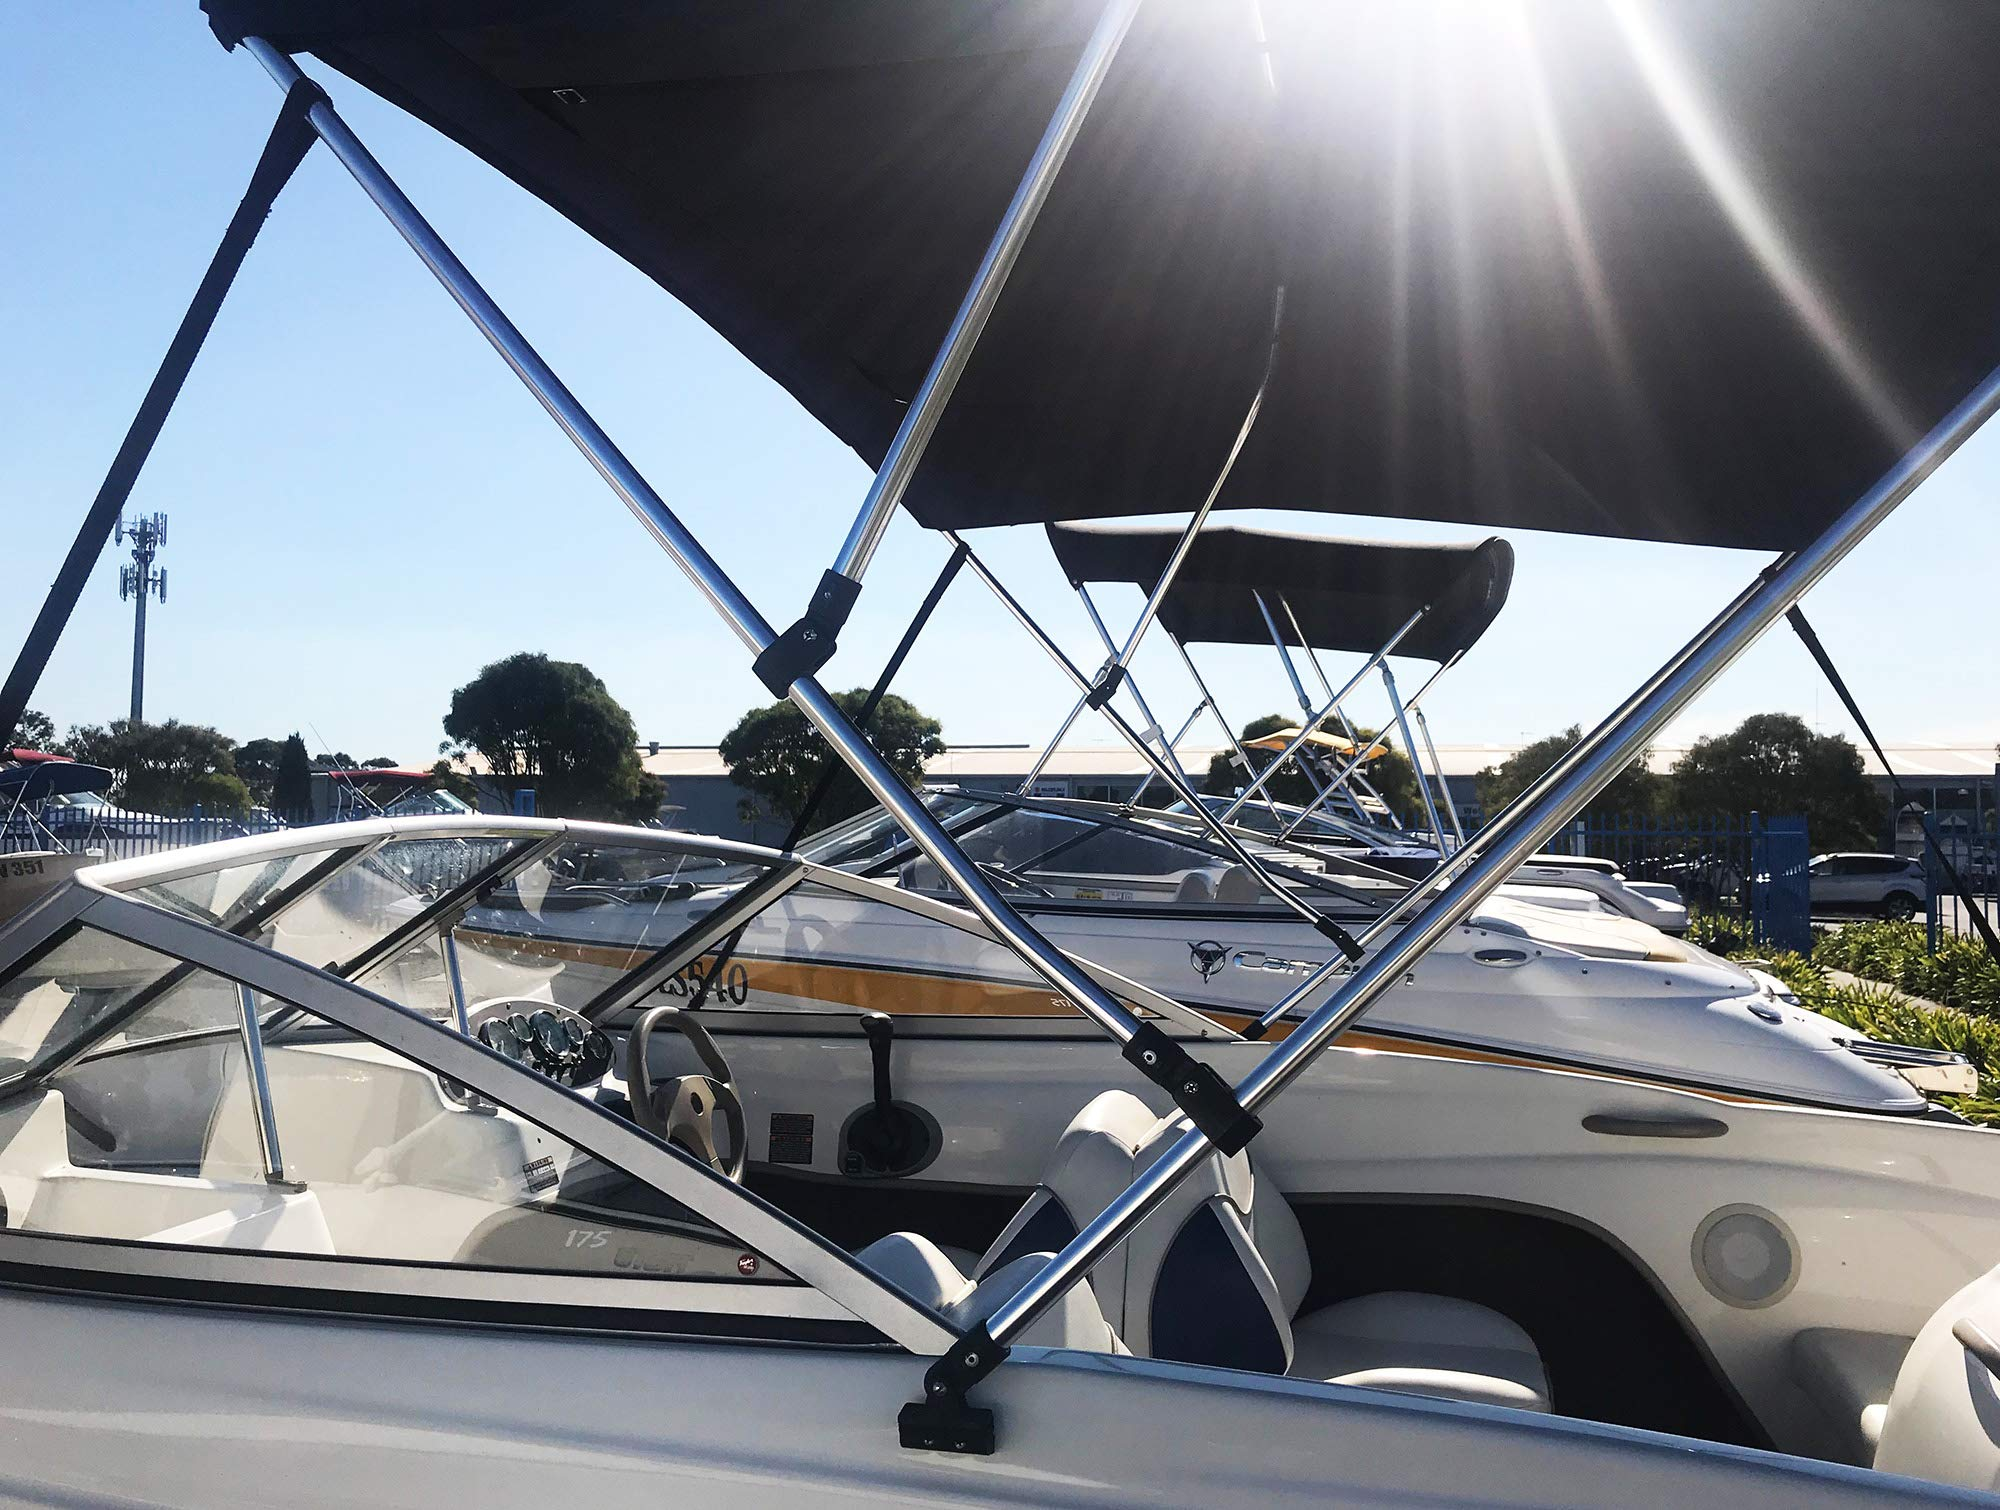 6pcs 1 Inch Boat Bimini Top Tube Jaw Slide Black Nylon Hardware with Bolt